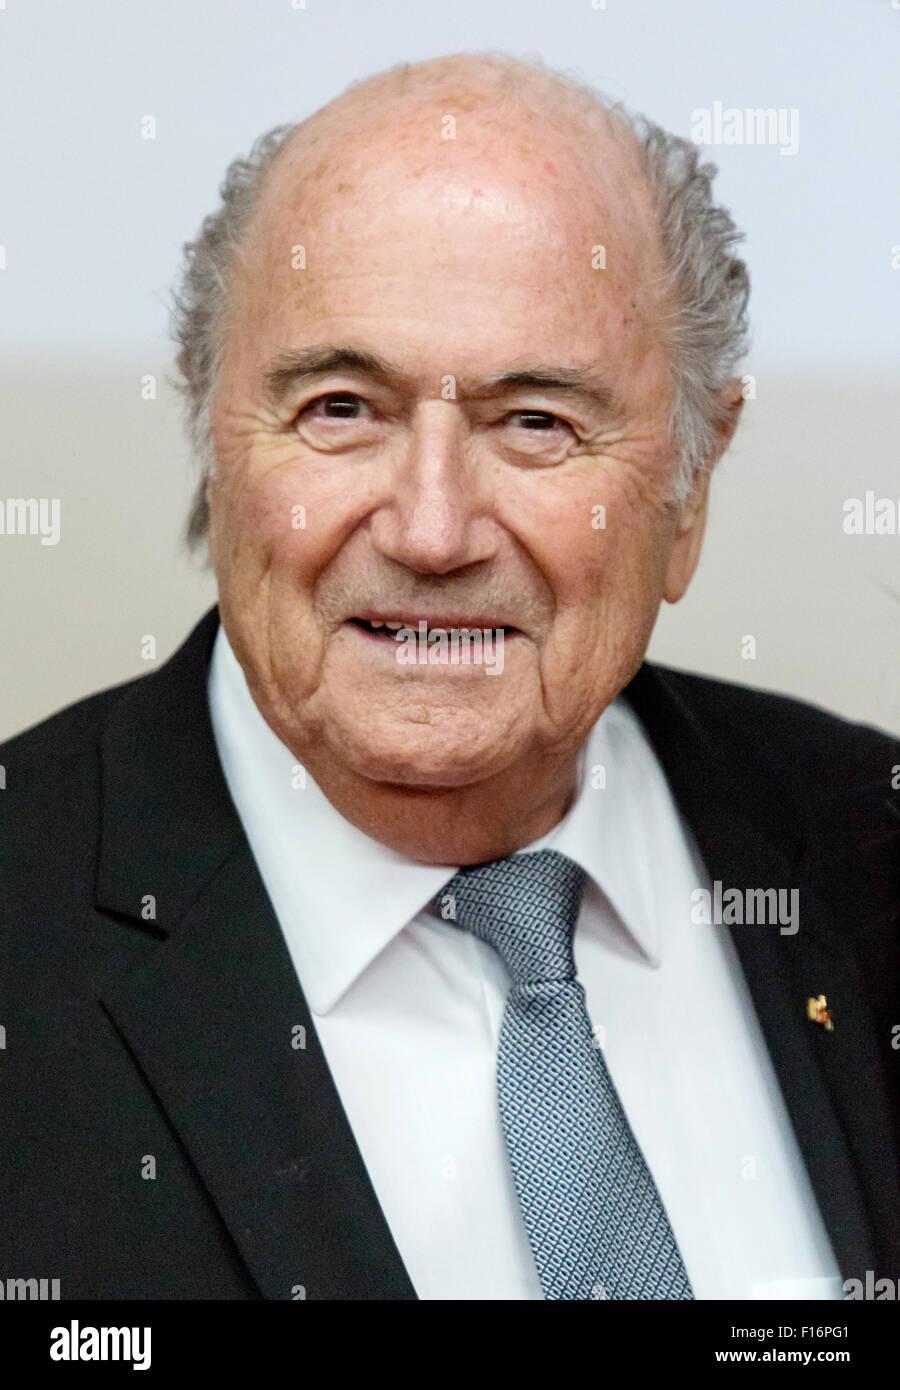 Berlin, Germany, Joseph Blatter in Portrait - Stock Image